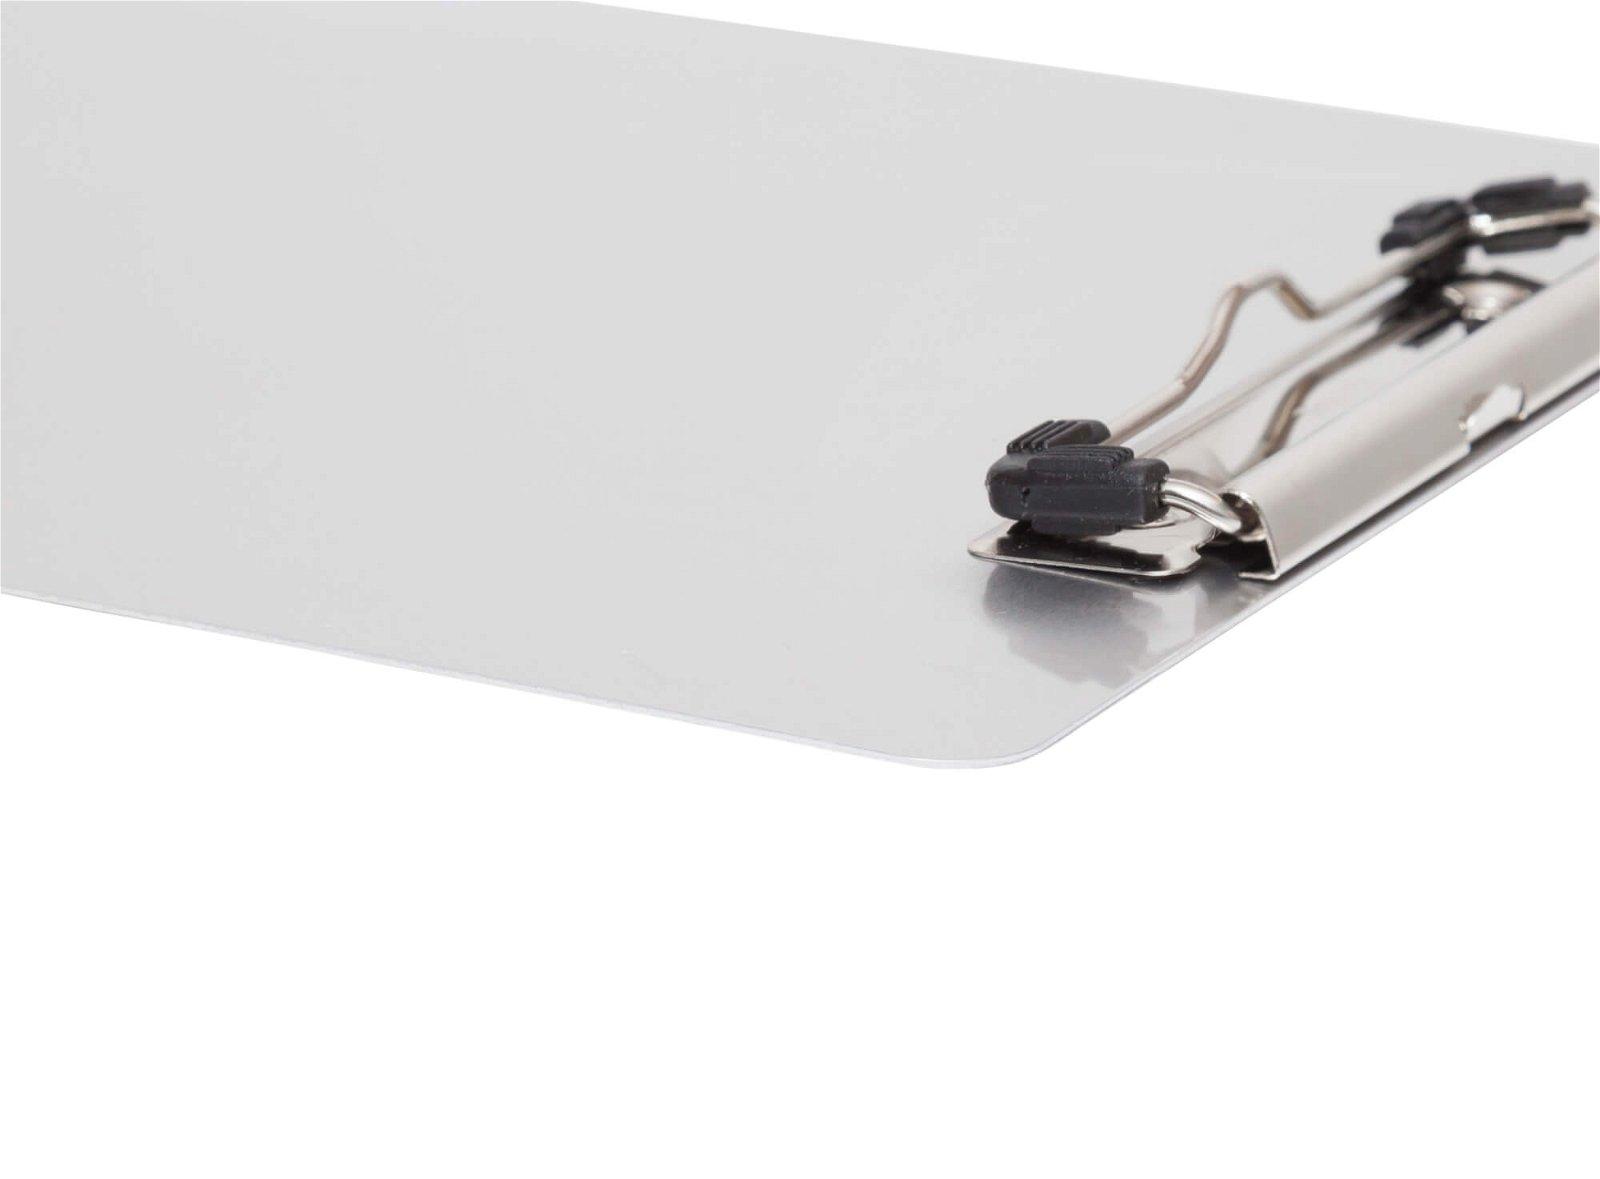 Schreibplatte, Aluminium mit Magnetband und Bügelklemme